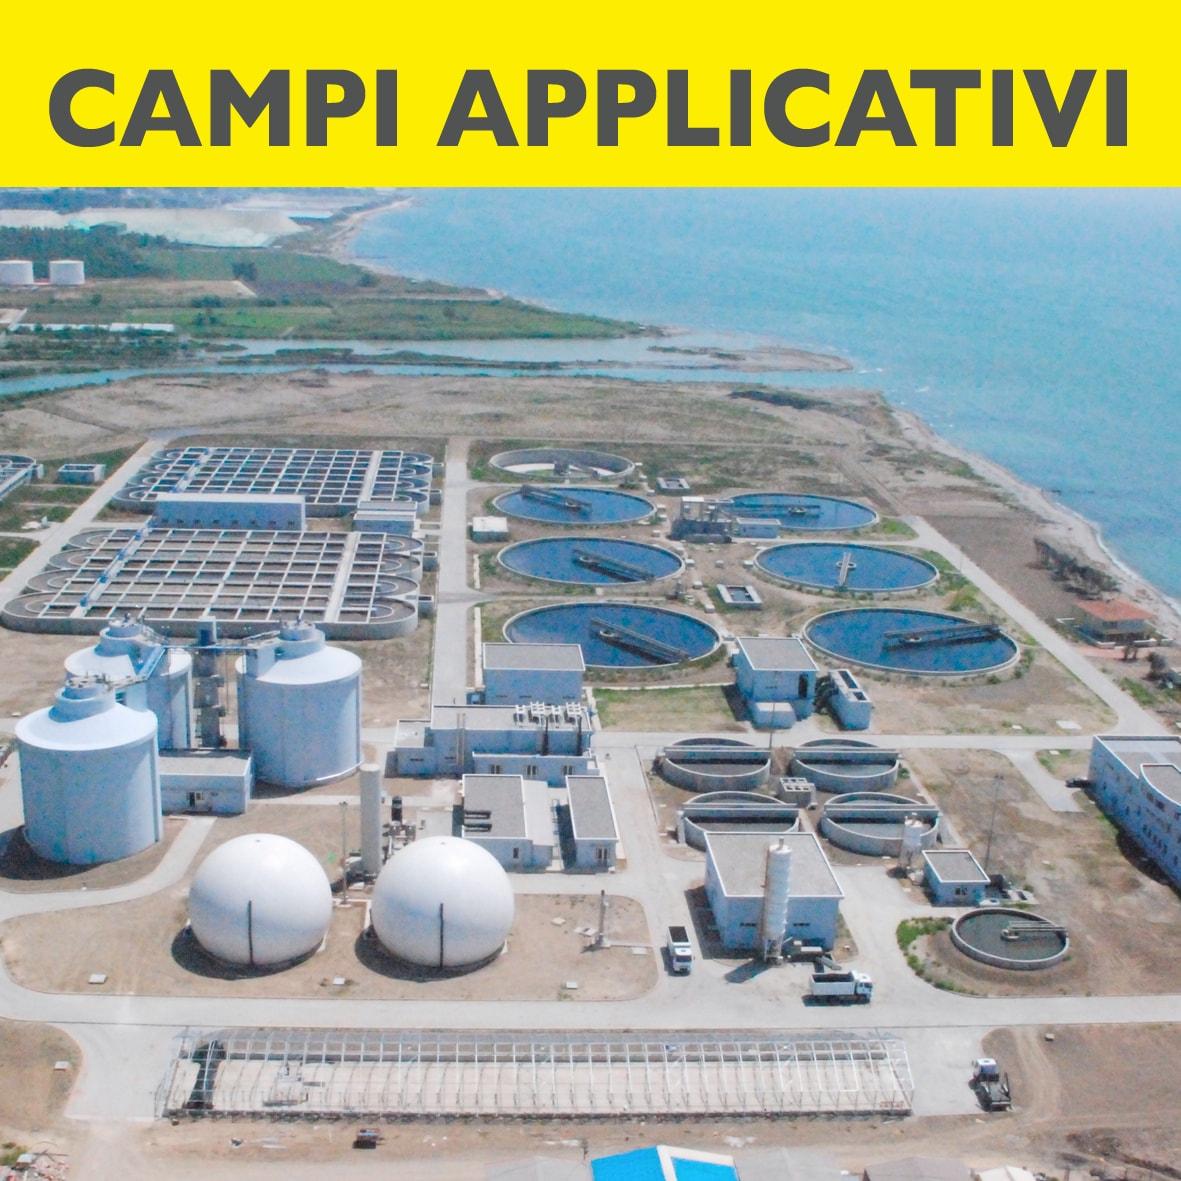 Campi applicativi Spazi confinati Lombardia